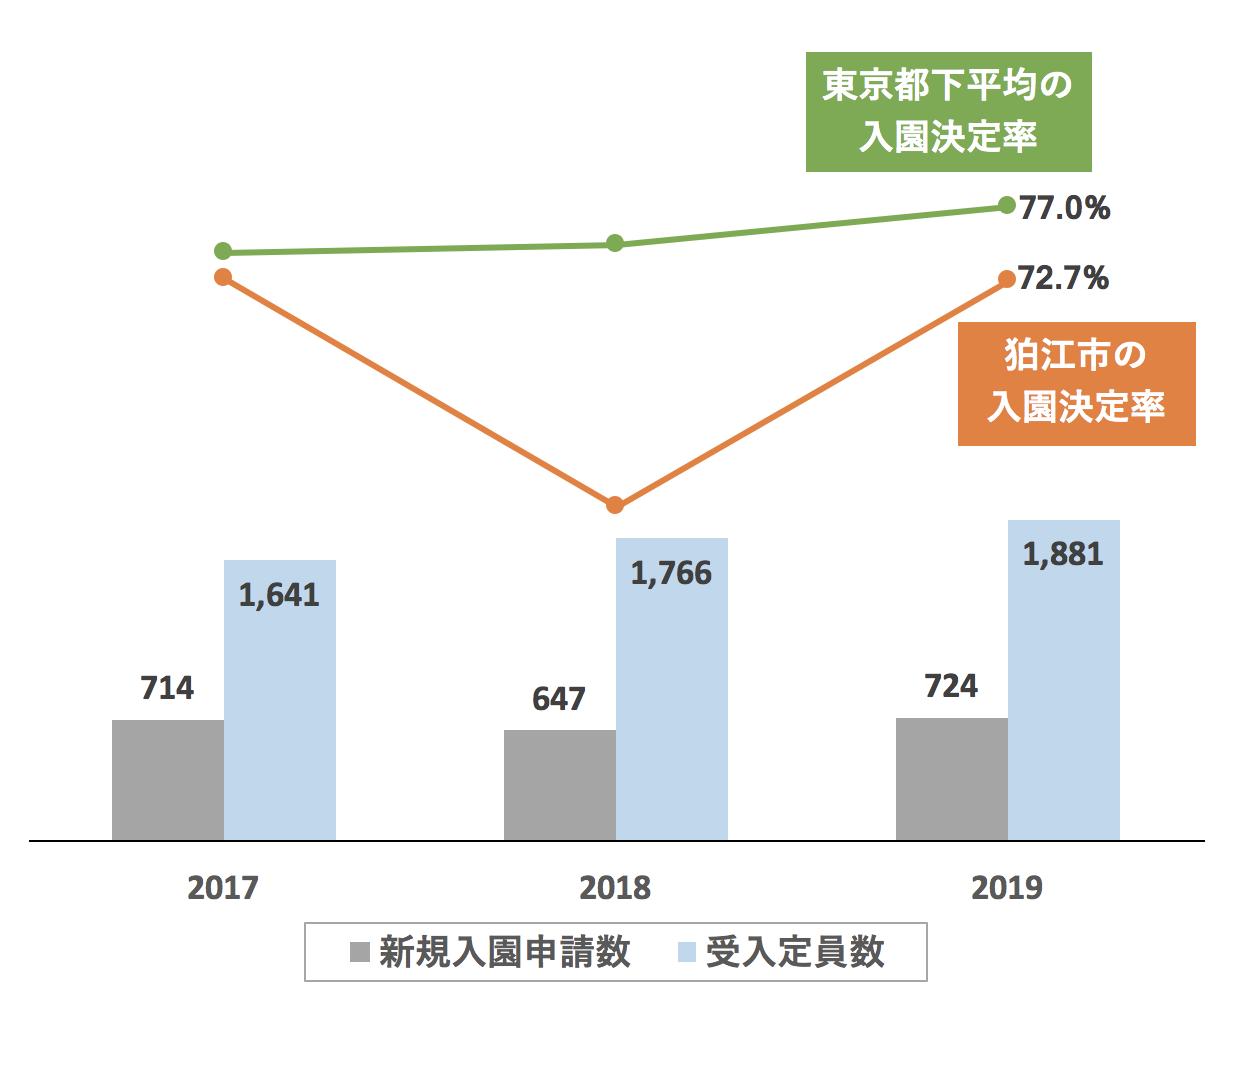 狛江市の新規入園決定率の推移や変化・保育園定員数の推移や変化・新規申込児童数の推移や変化